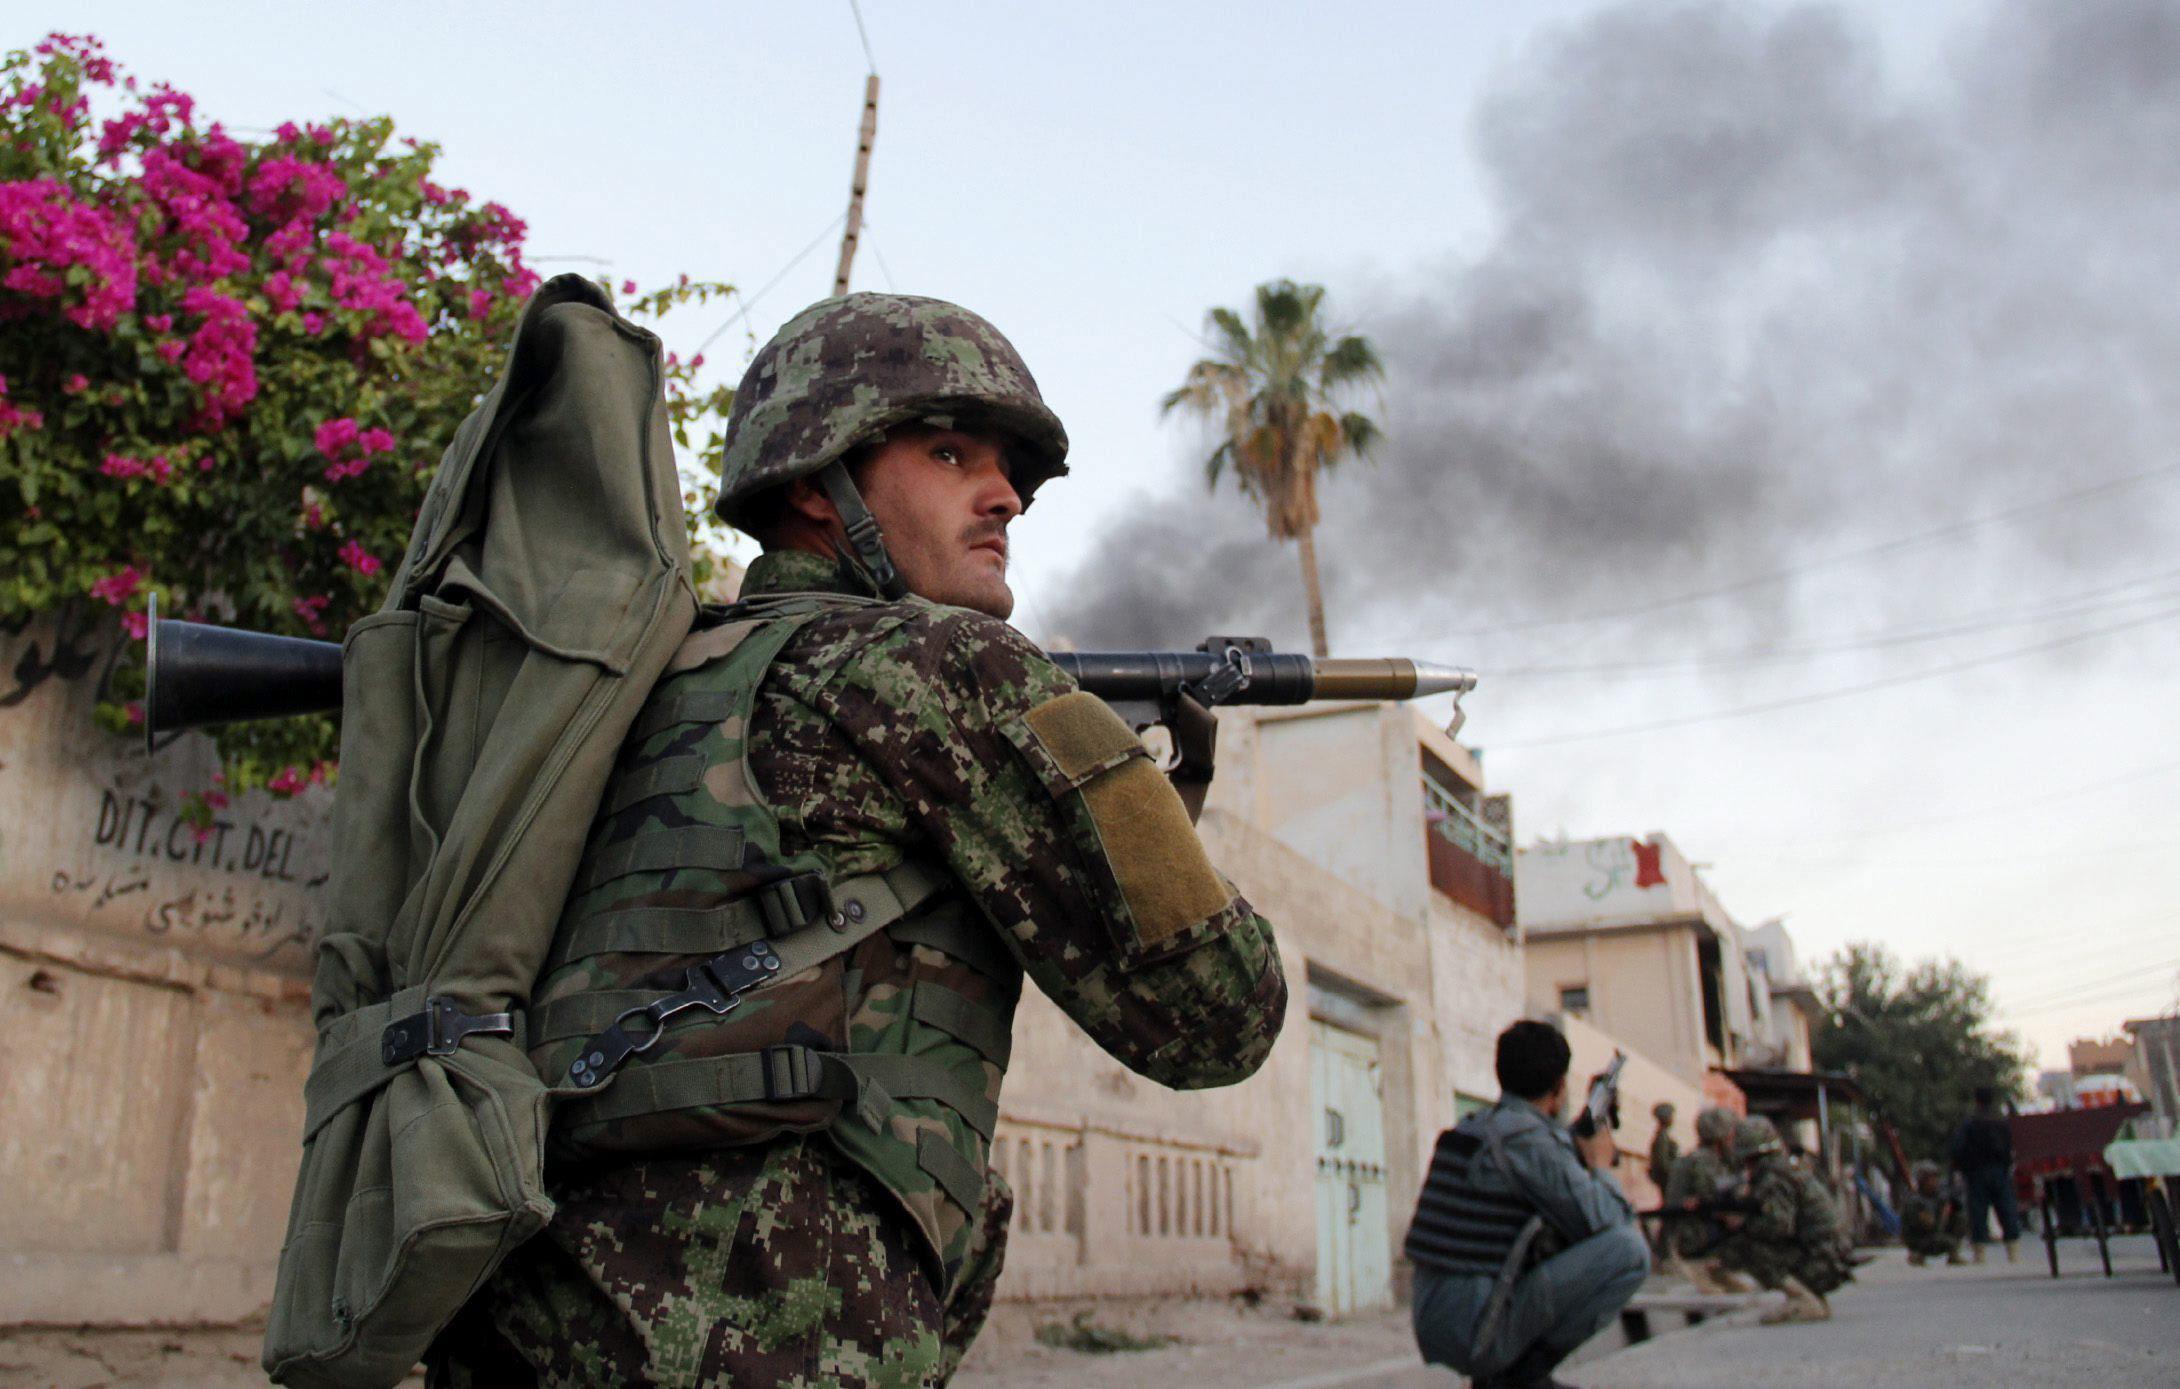 Mueren 10 niños y 2 soldados de la OTAN en un atentado en Afganistán